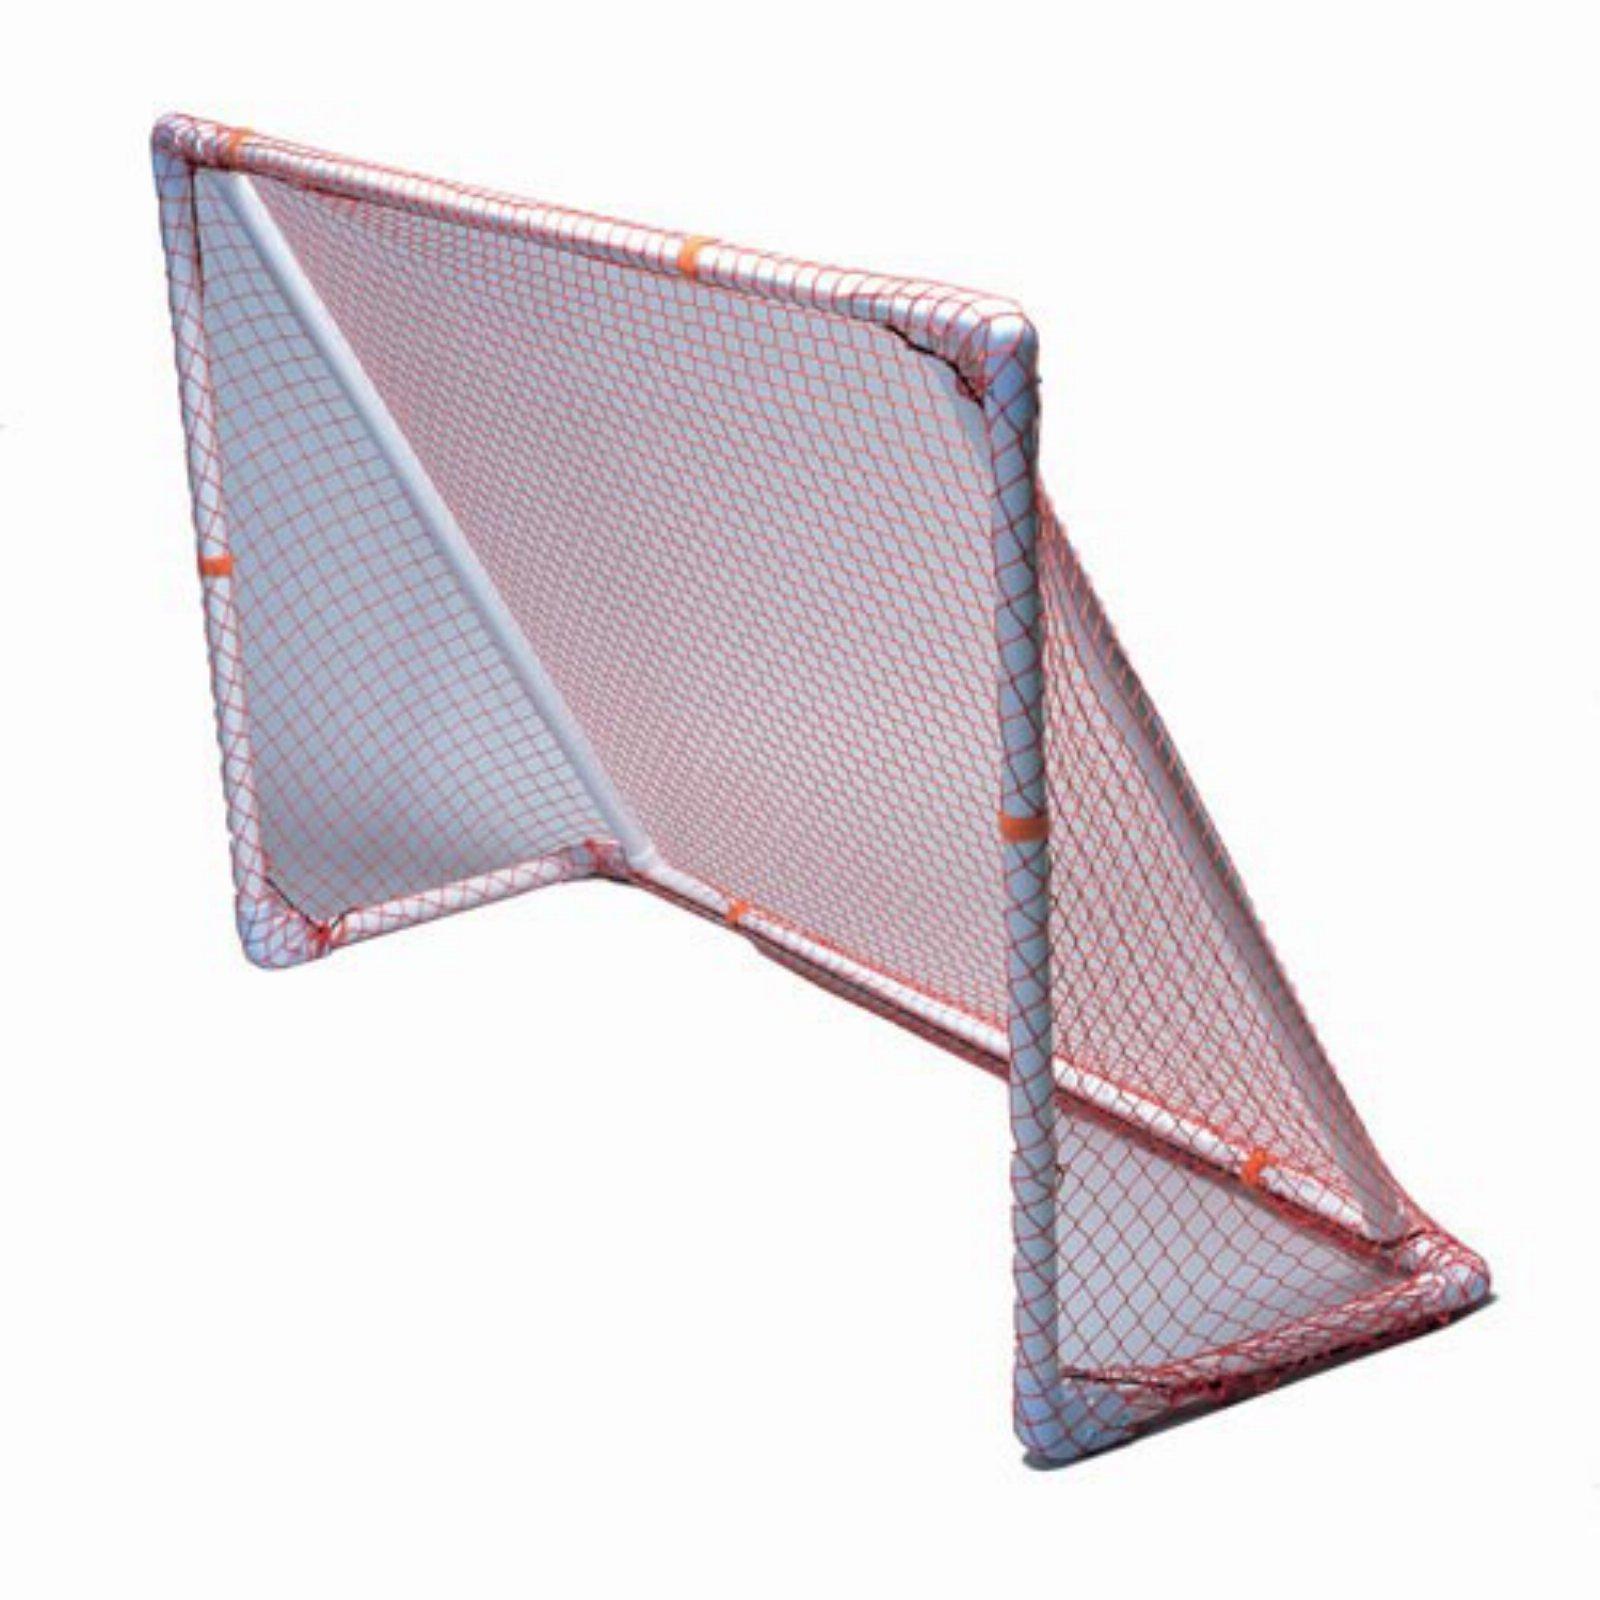 Park and Sun Slip-Net PVC Soccer Goal - Double Support